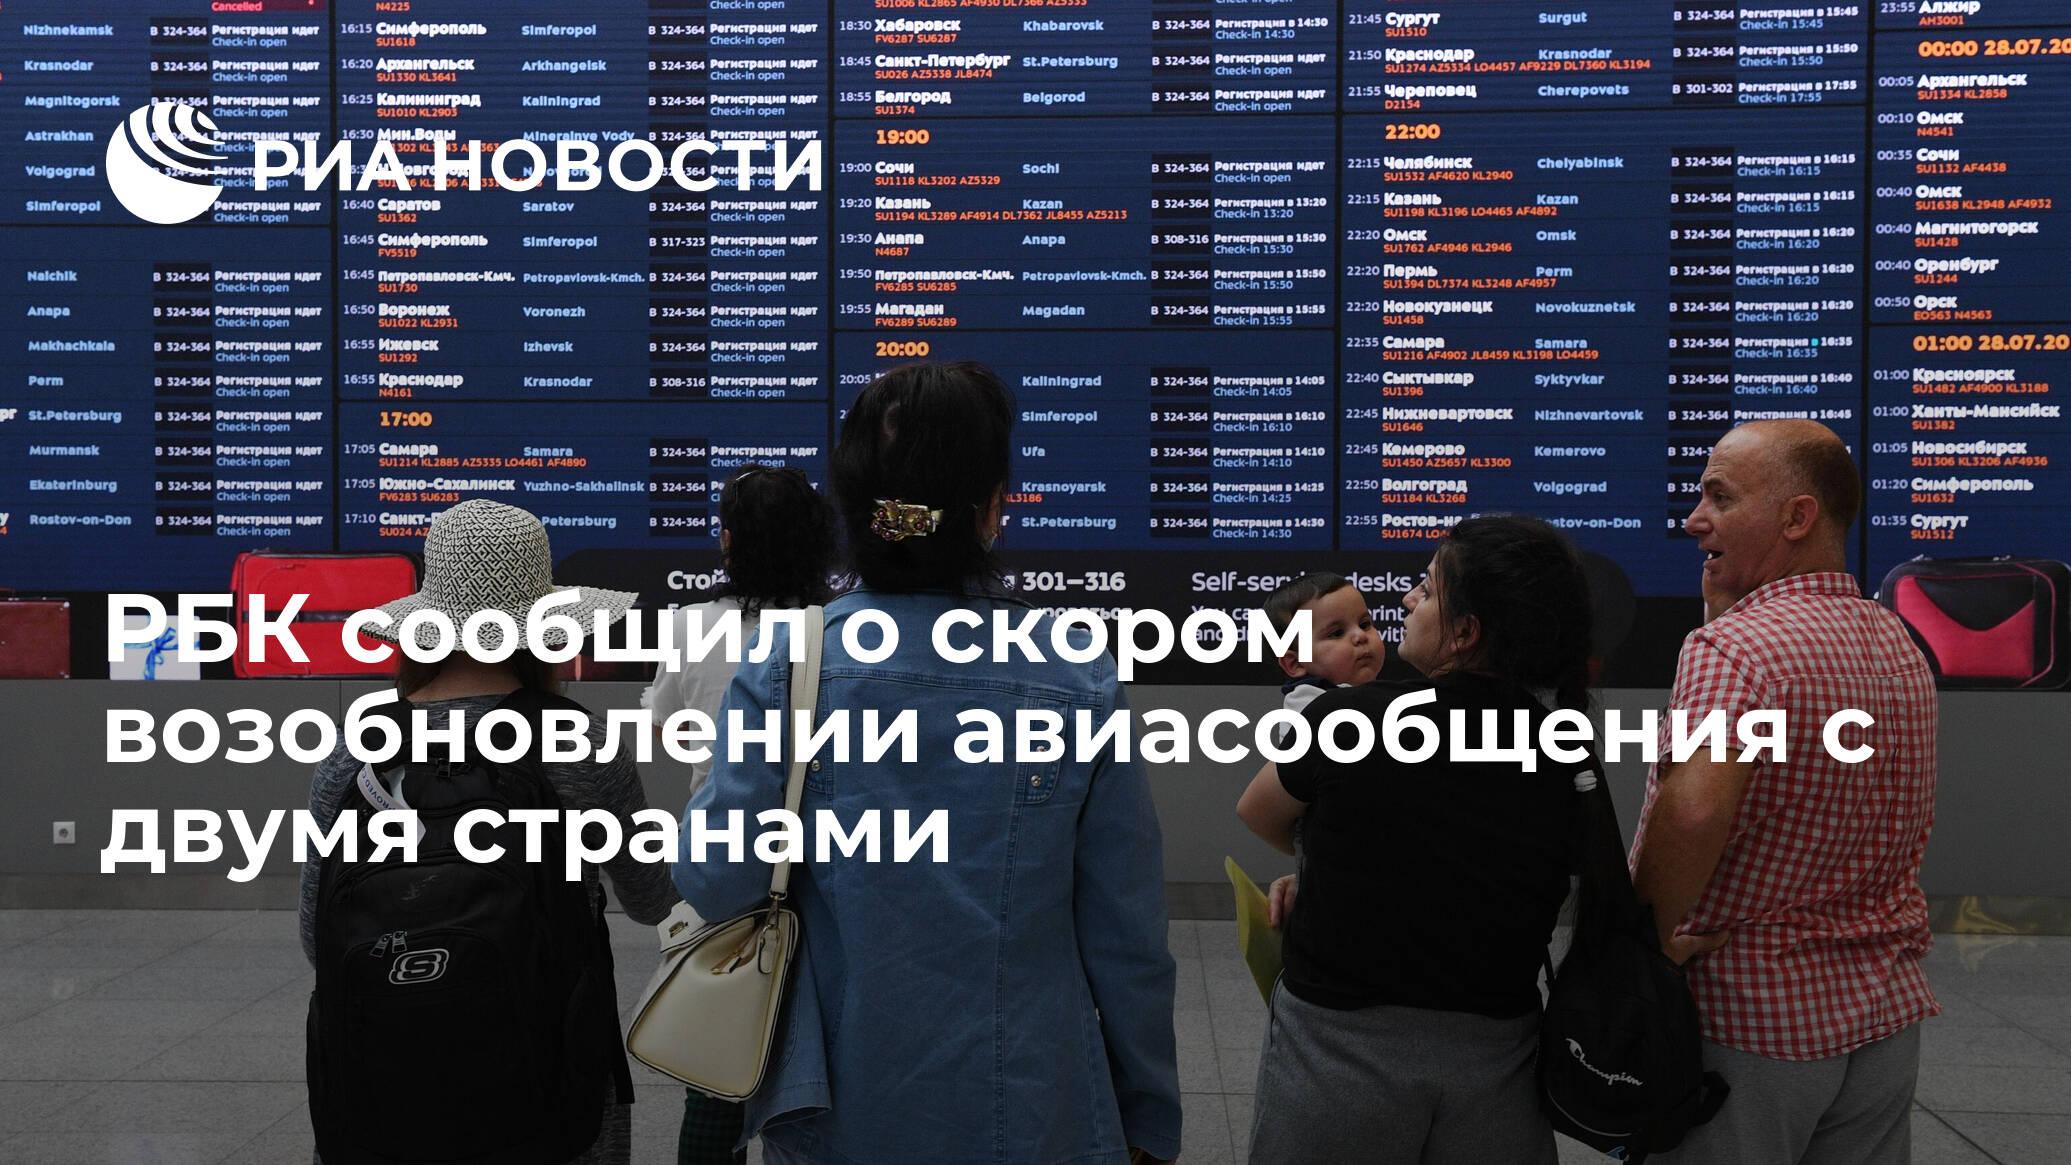 РБК сообщил о скором возобновлении авиасообщения с двумя странами